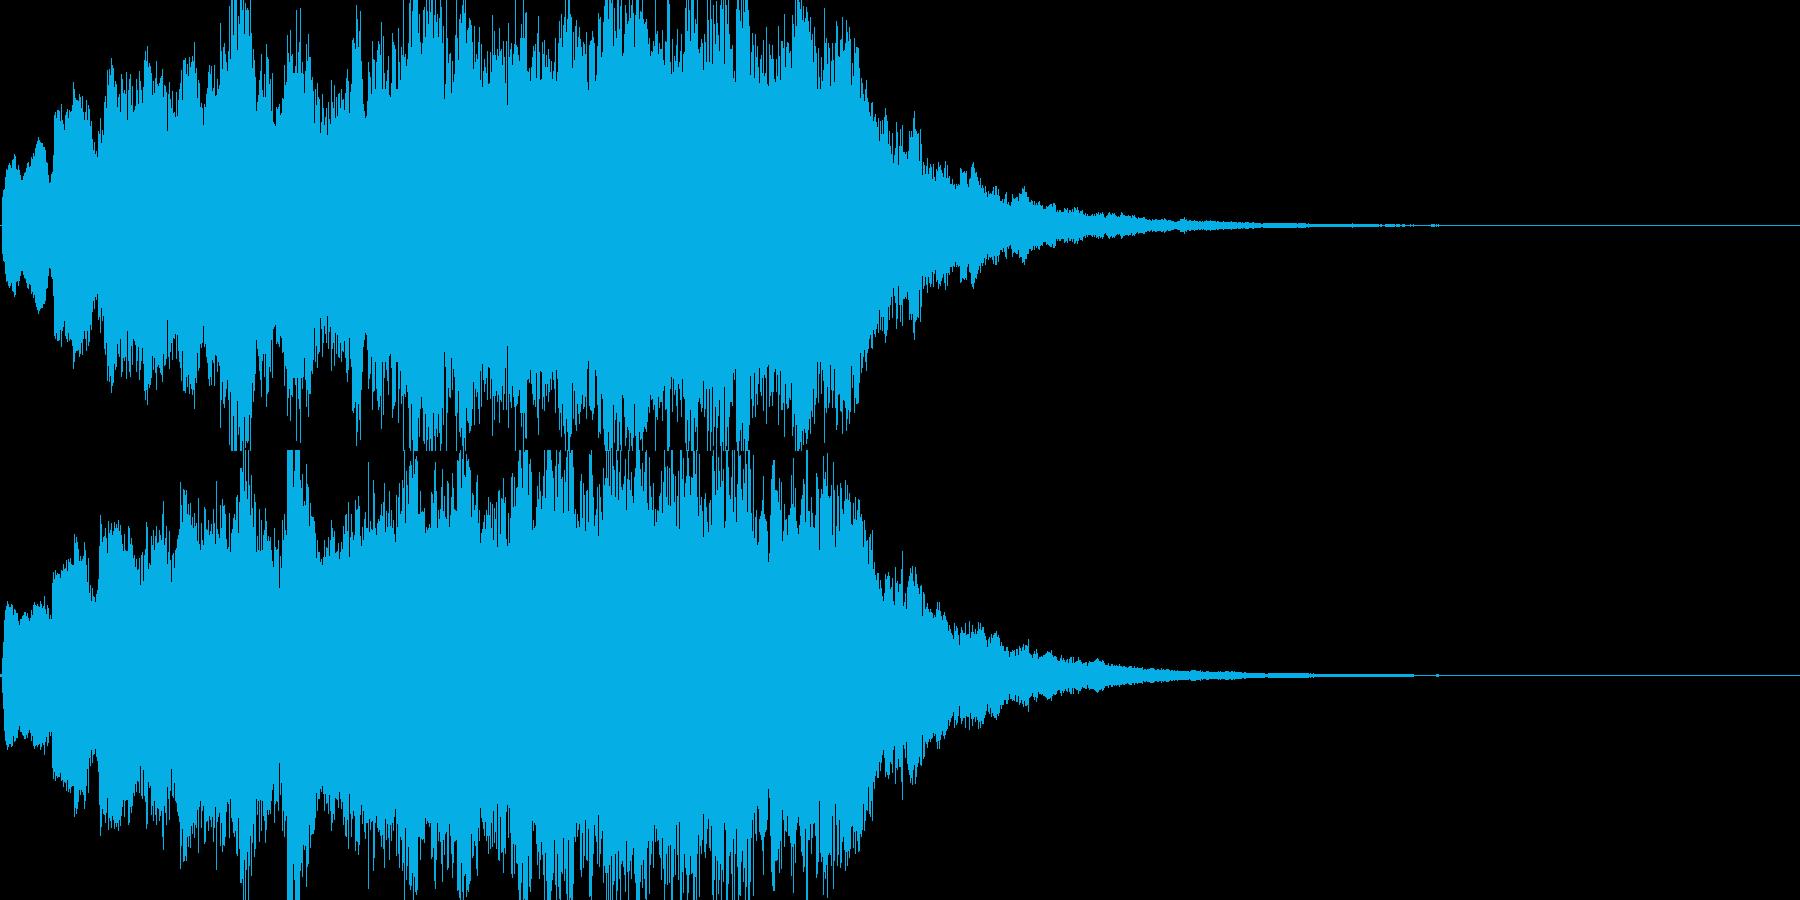 インスピレーション・イメージのジングルの再生済みの波形